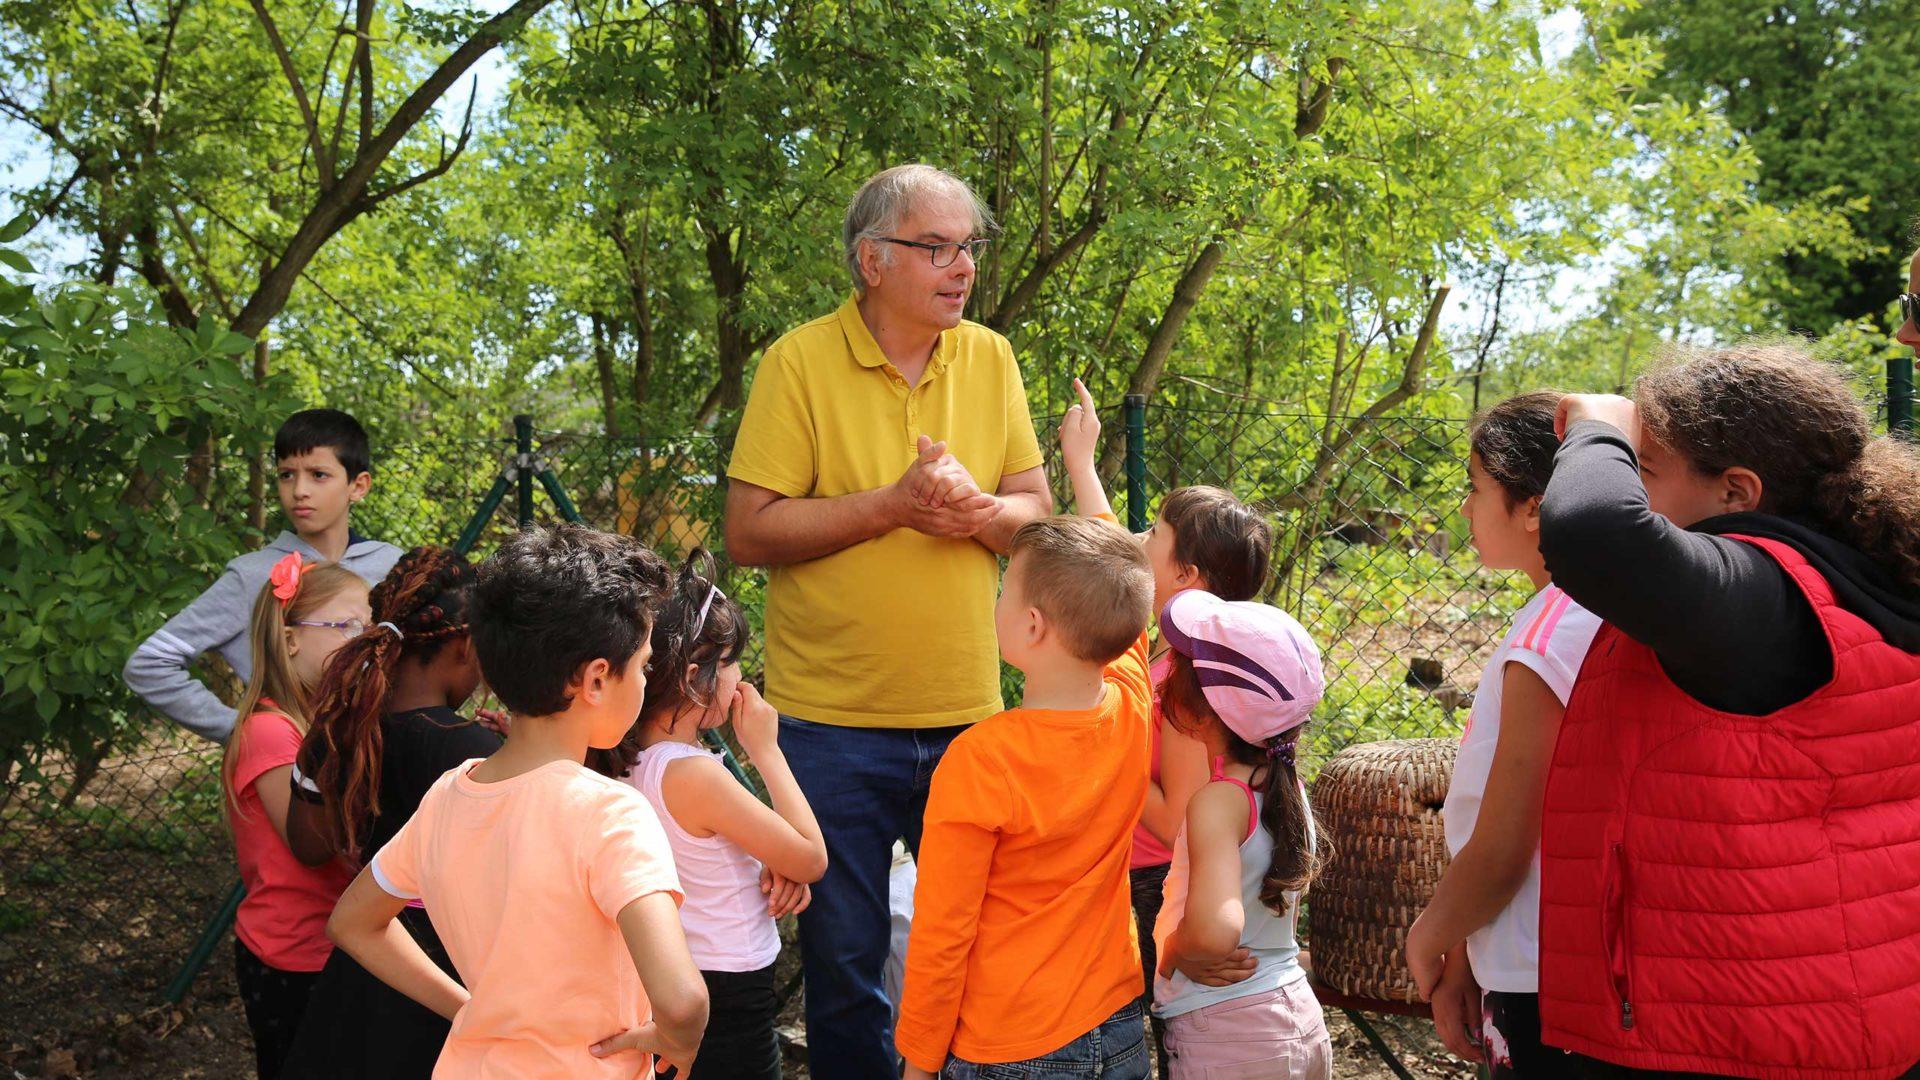 Aktion Mahlzeit bei den Imkern. Die Kinder bekommen eine Einführung in die Welt des Honigs und sind super begeistert dabei. So macht lernen Spaß.